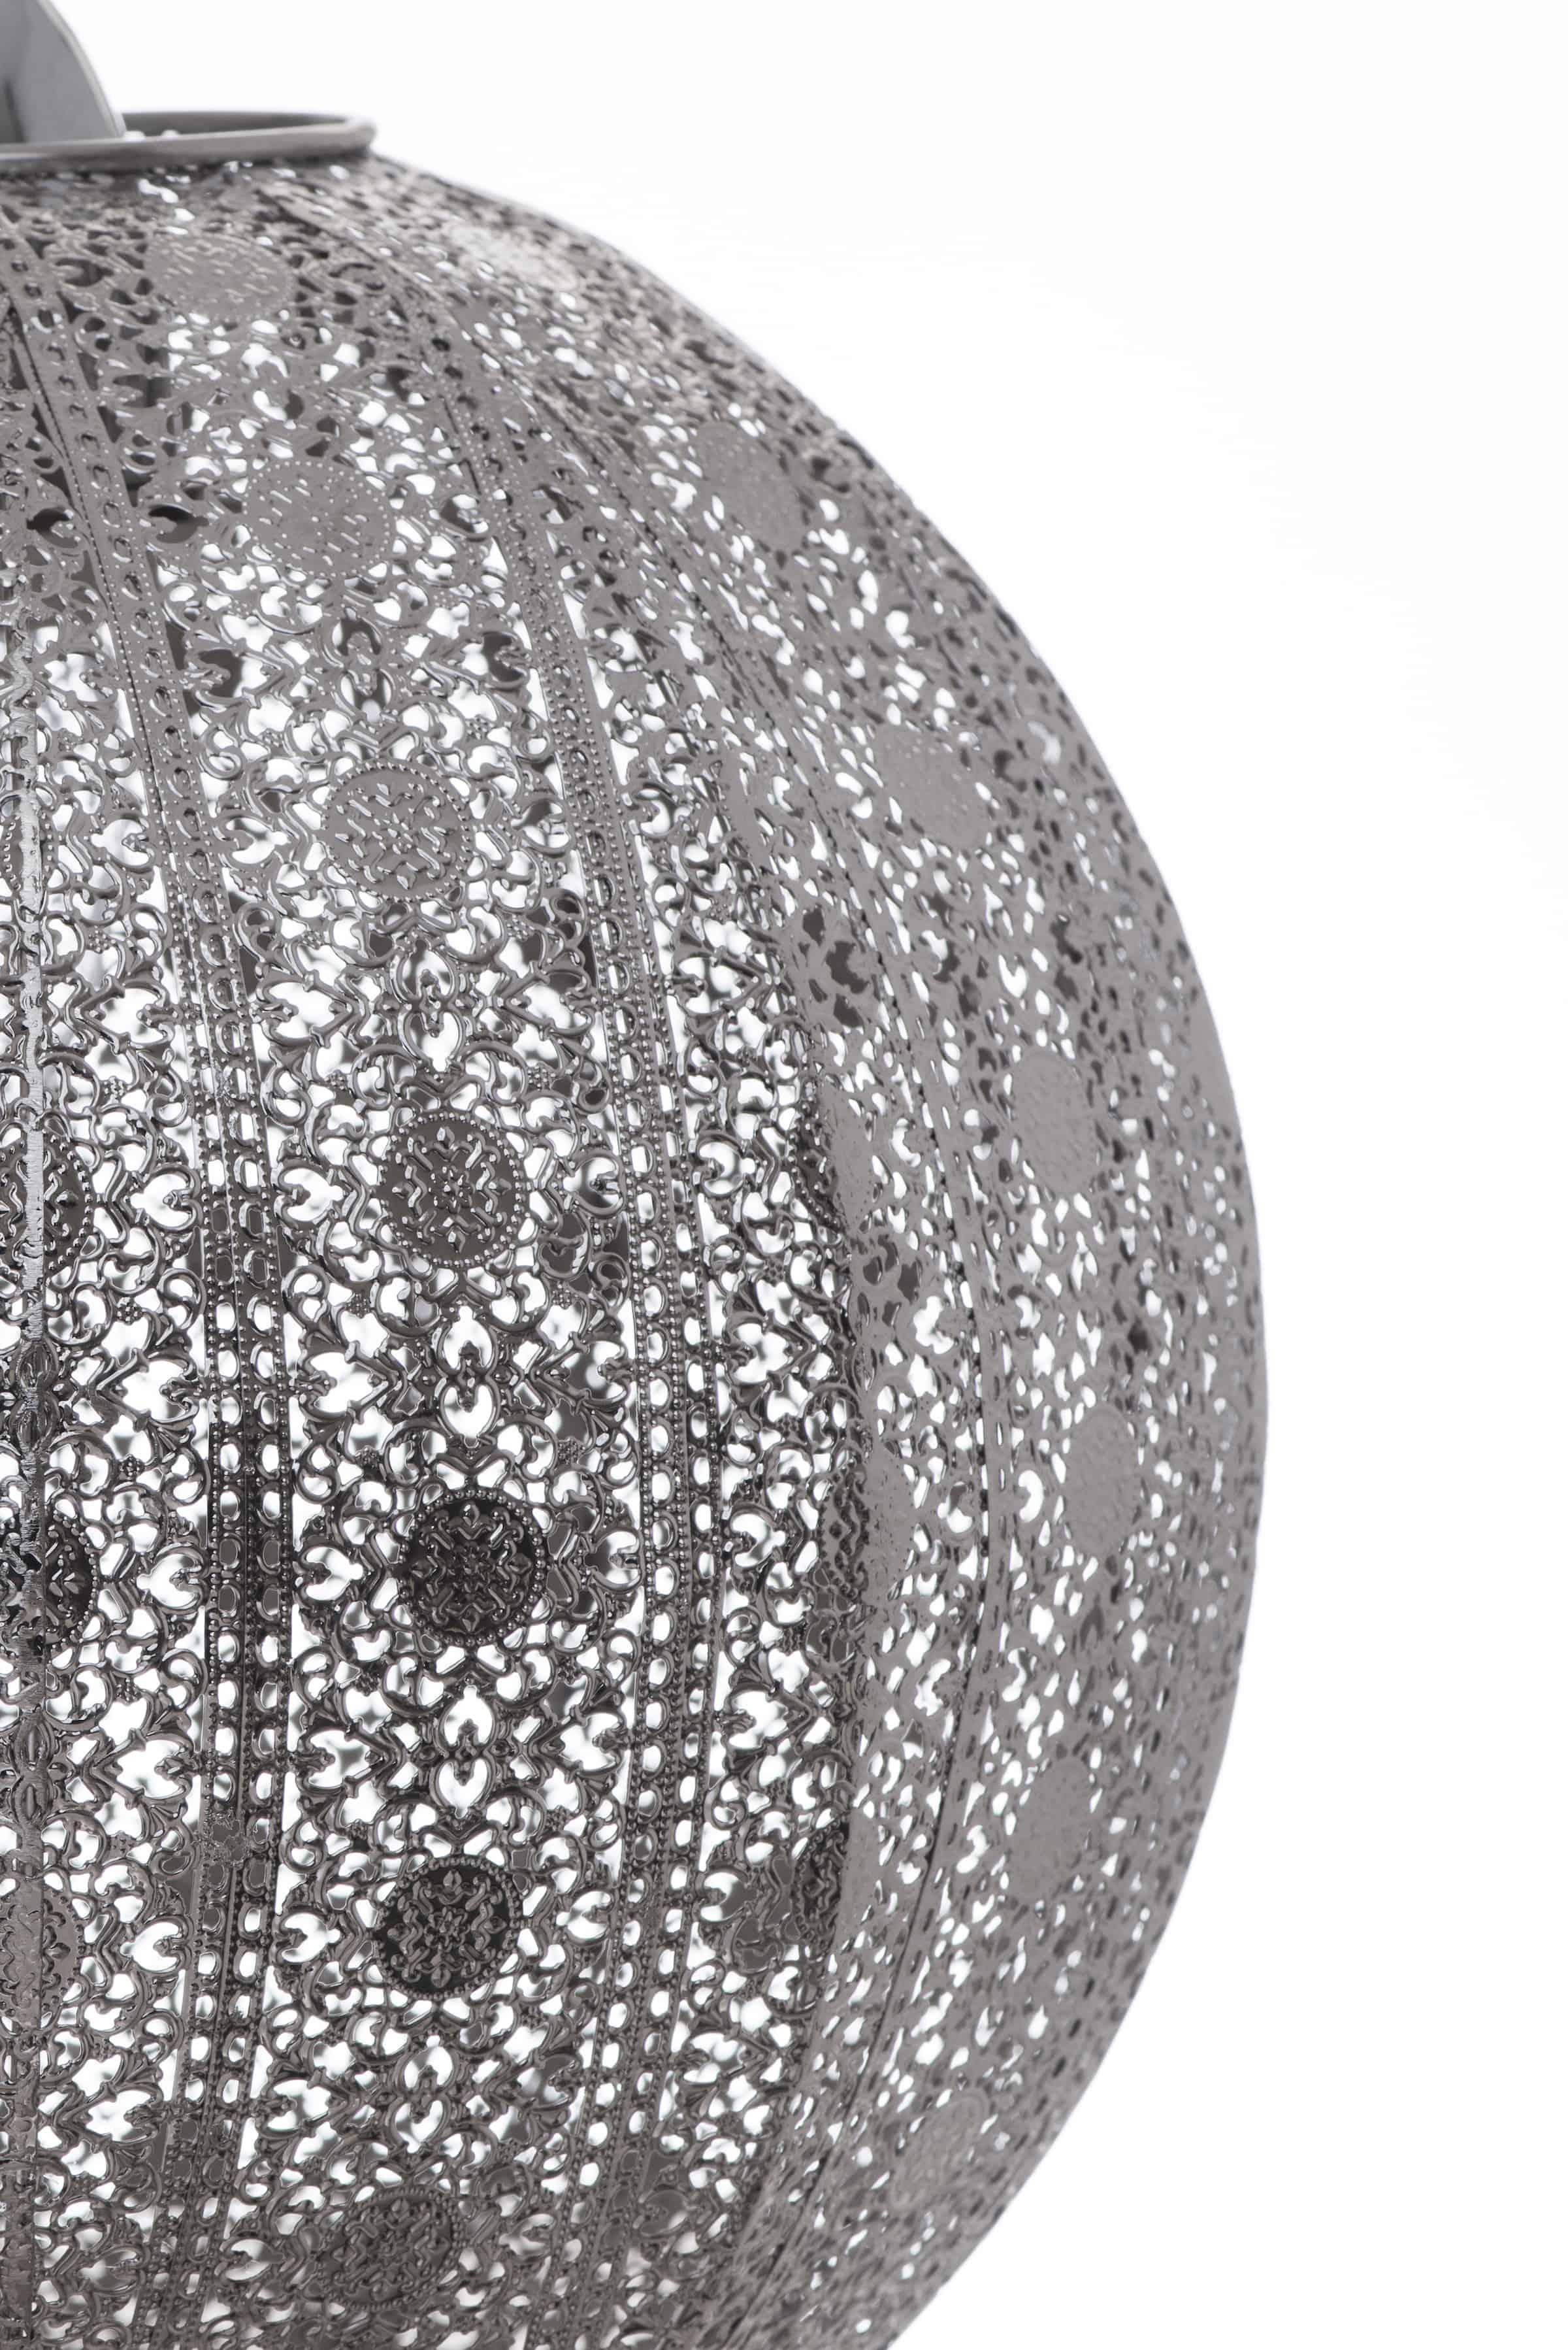 亮鎳蕾絲花邊圓形吊燈-BNL00076 4